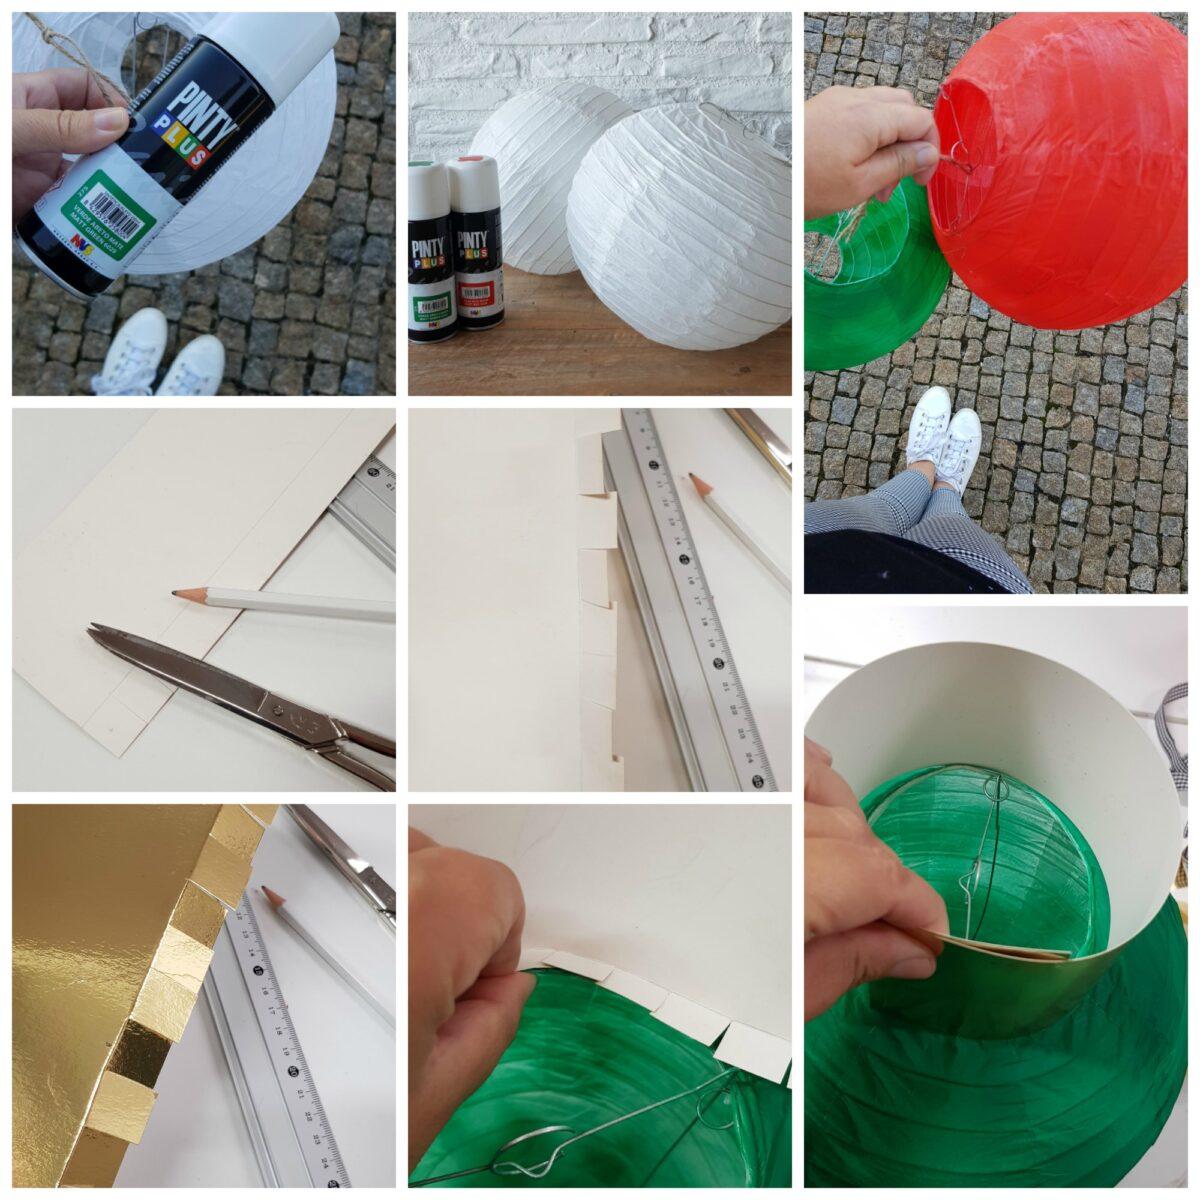 bolas con lámparas de papel